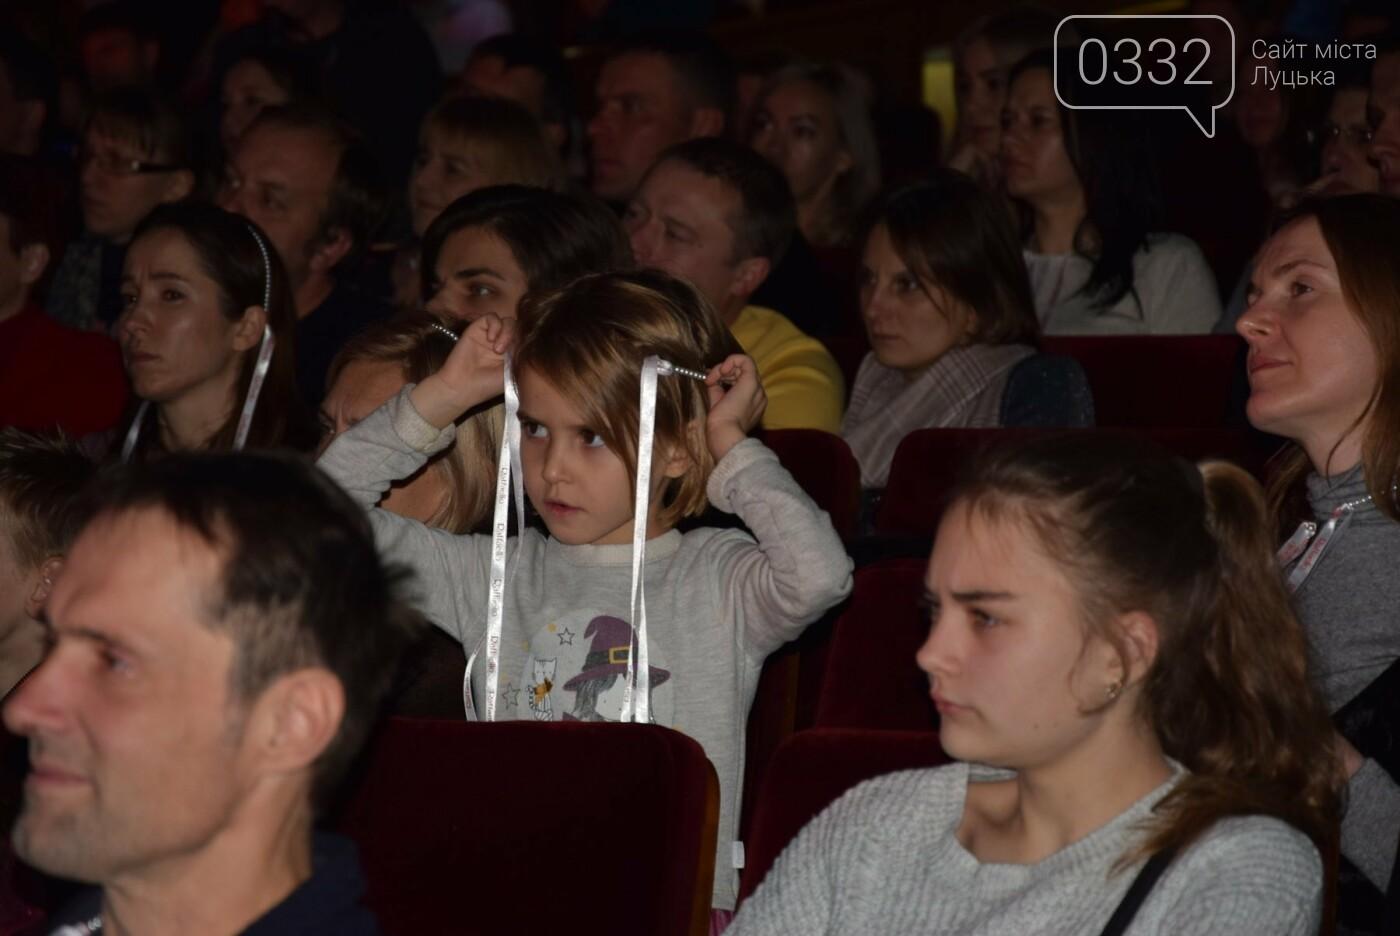 """""""Ось чому я не співаю веселих пісень"""", - Христина Соловій про Луцьк, творчість та історію (ФОТО) , фото-18"""